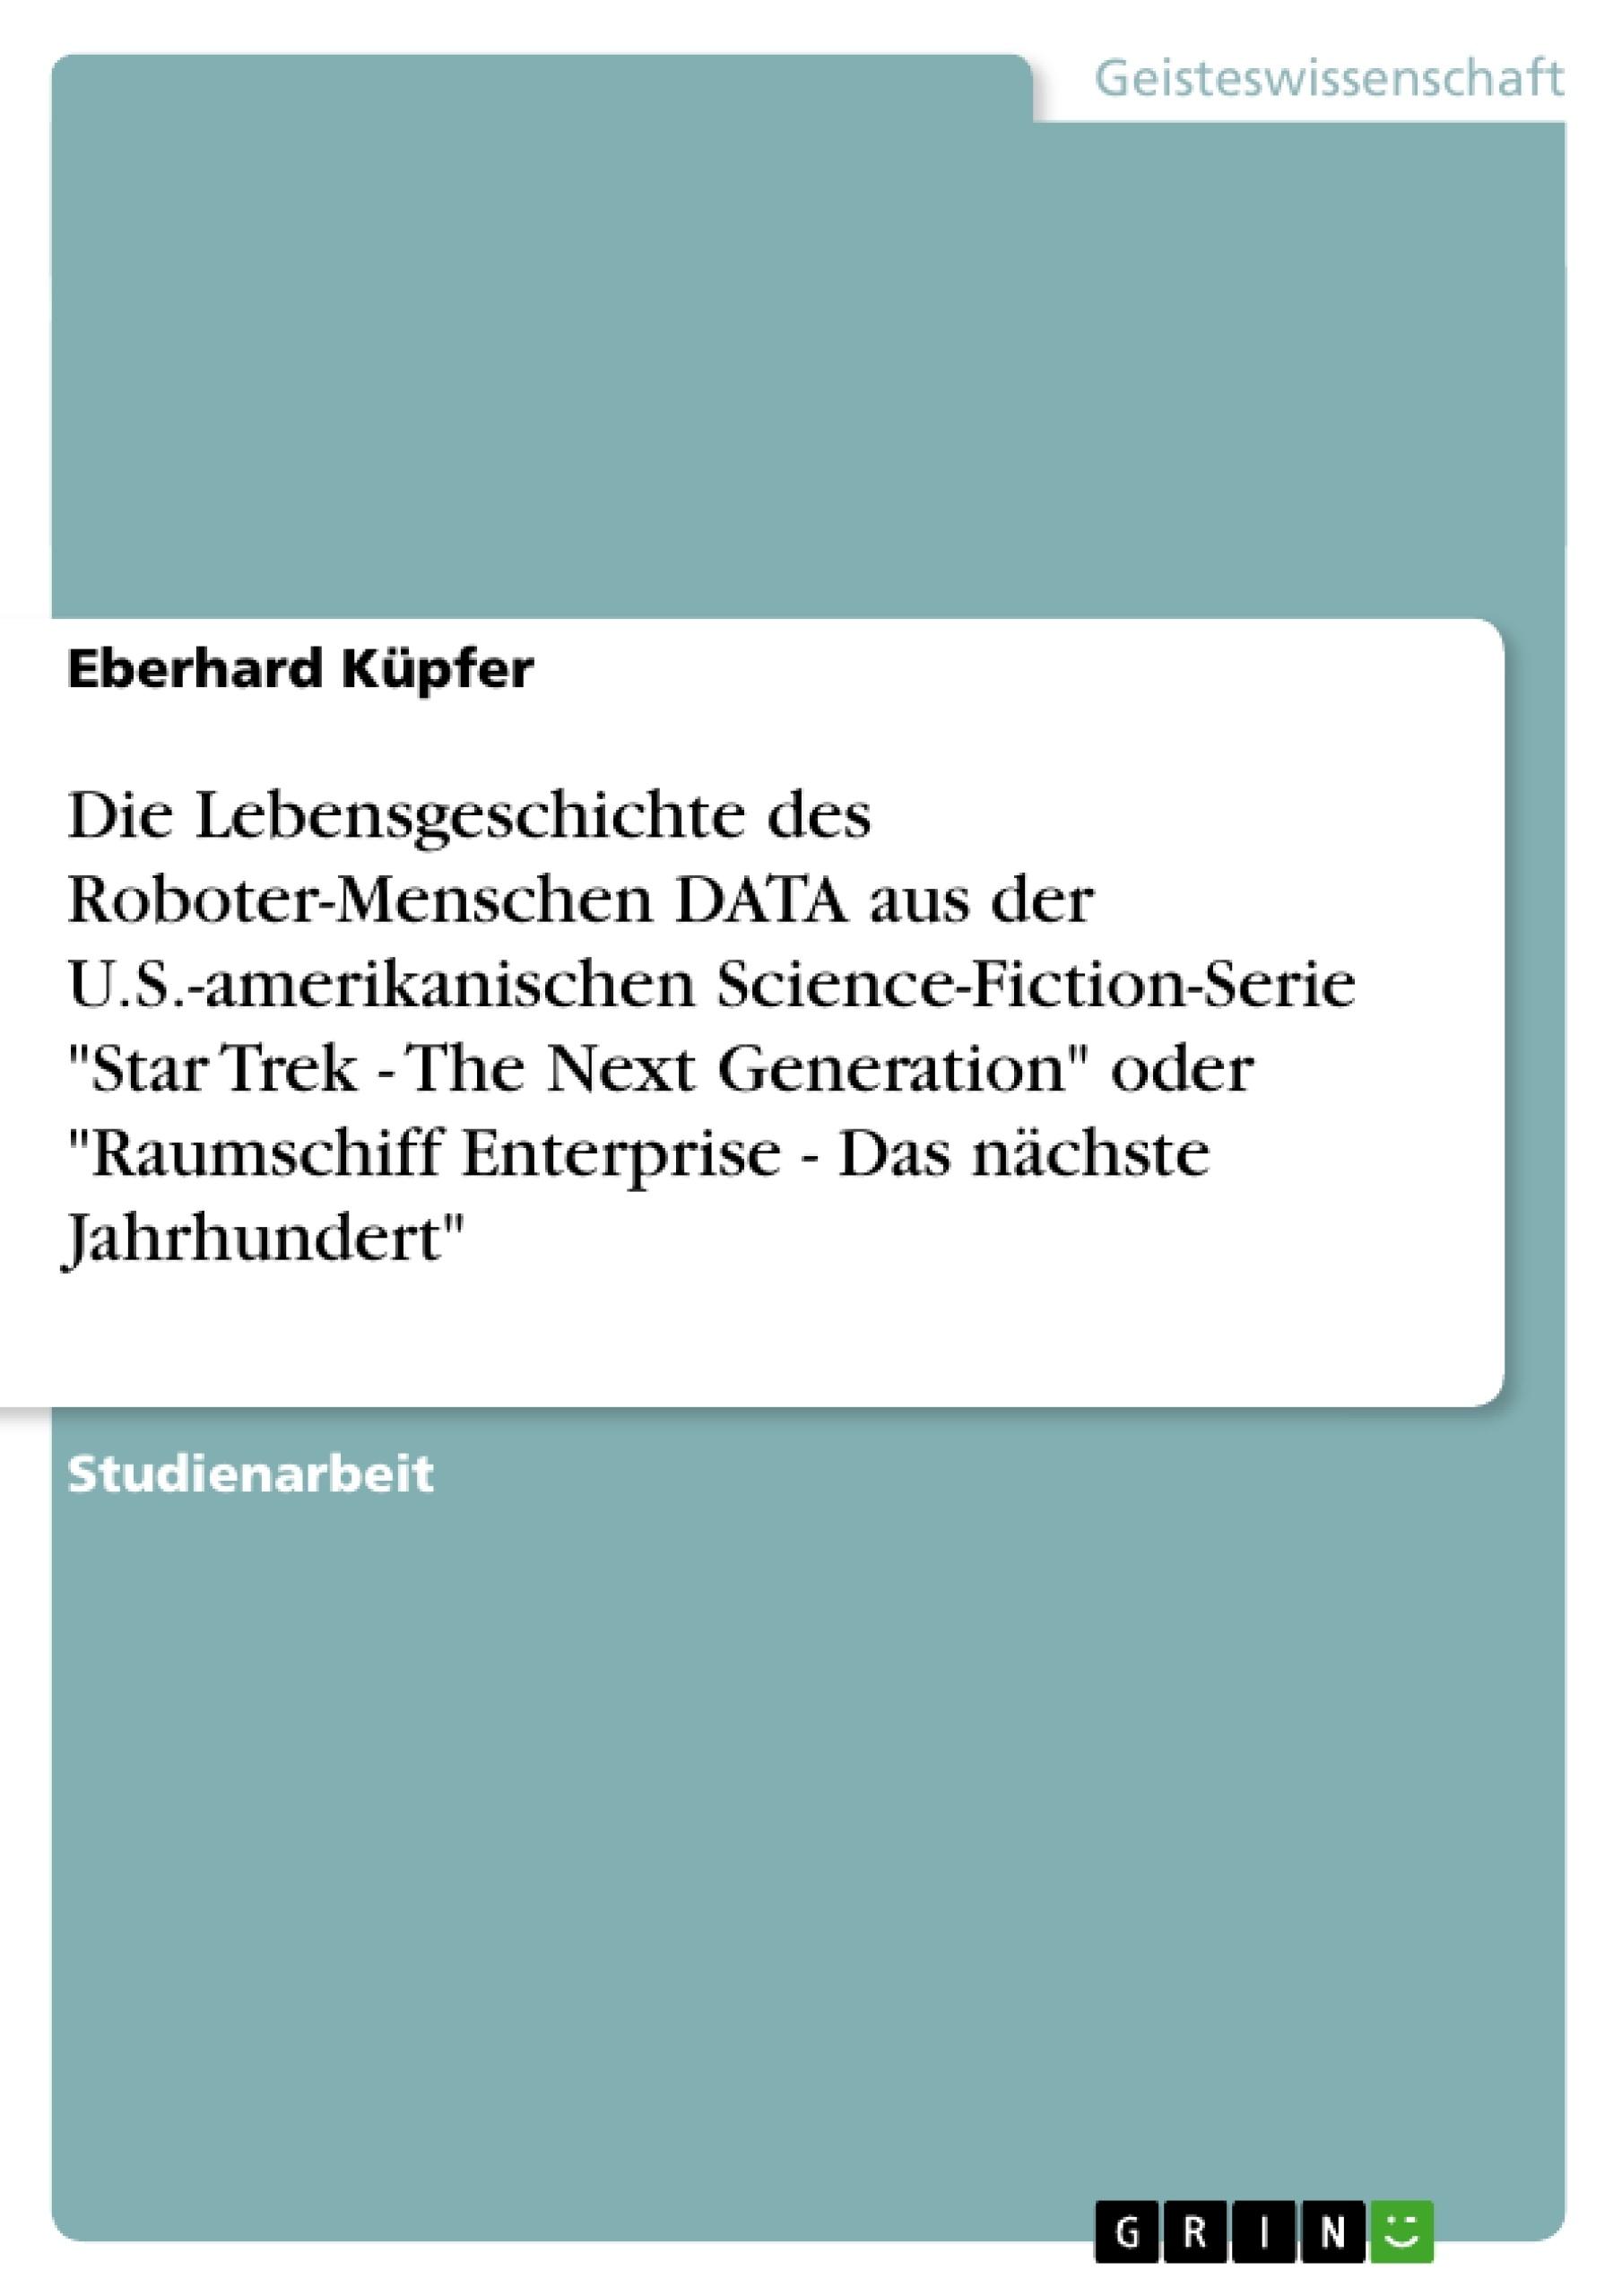 """Titel: Die Lebensgeschichte des Roboter-Menschen DATA aus der U.S.-amerikanischen Science-Fiction-Serie """"Star Trek - The Next Generation"""" oder """"Raumschiff Enterprise - Das nächste Jahrhundert"""""""